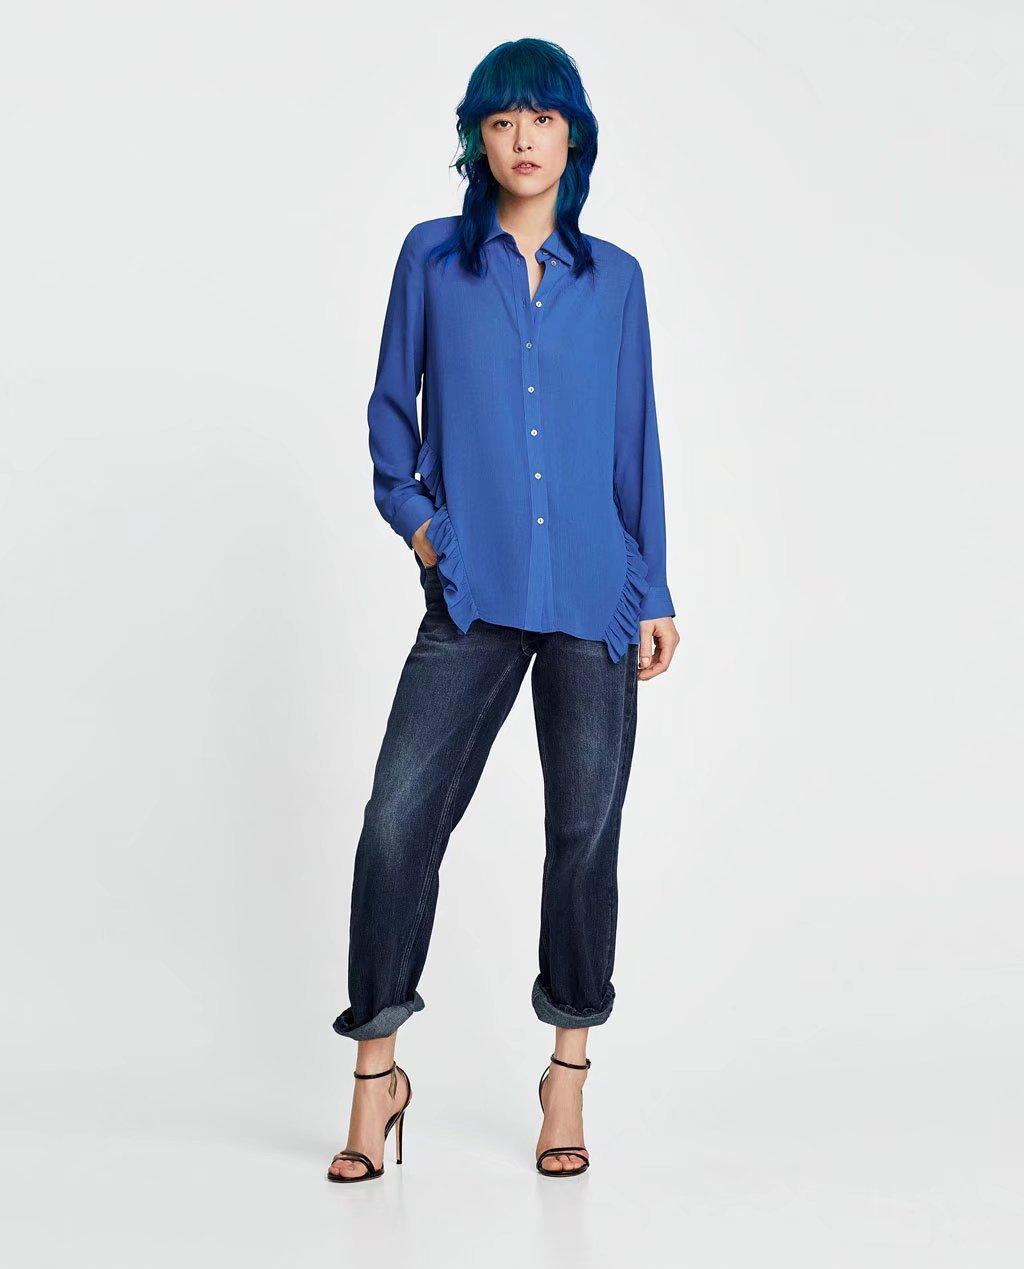 Cotton Fashioncoat(Blue-L) NHAM2469-Blue-L